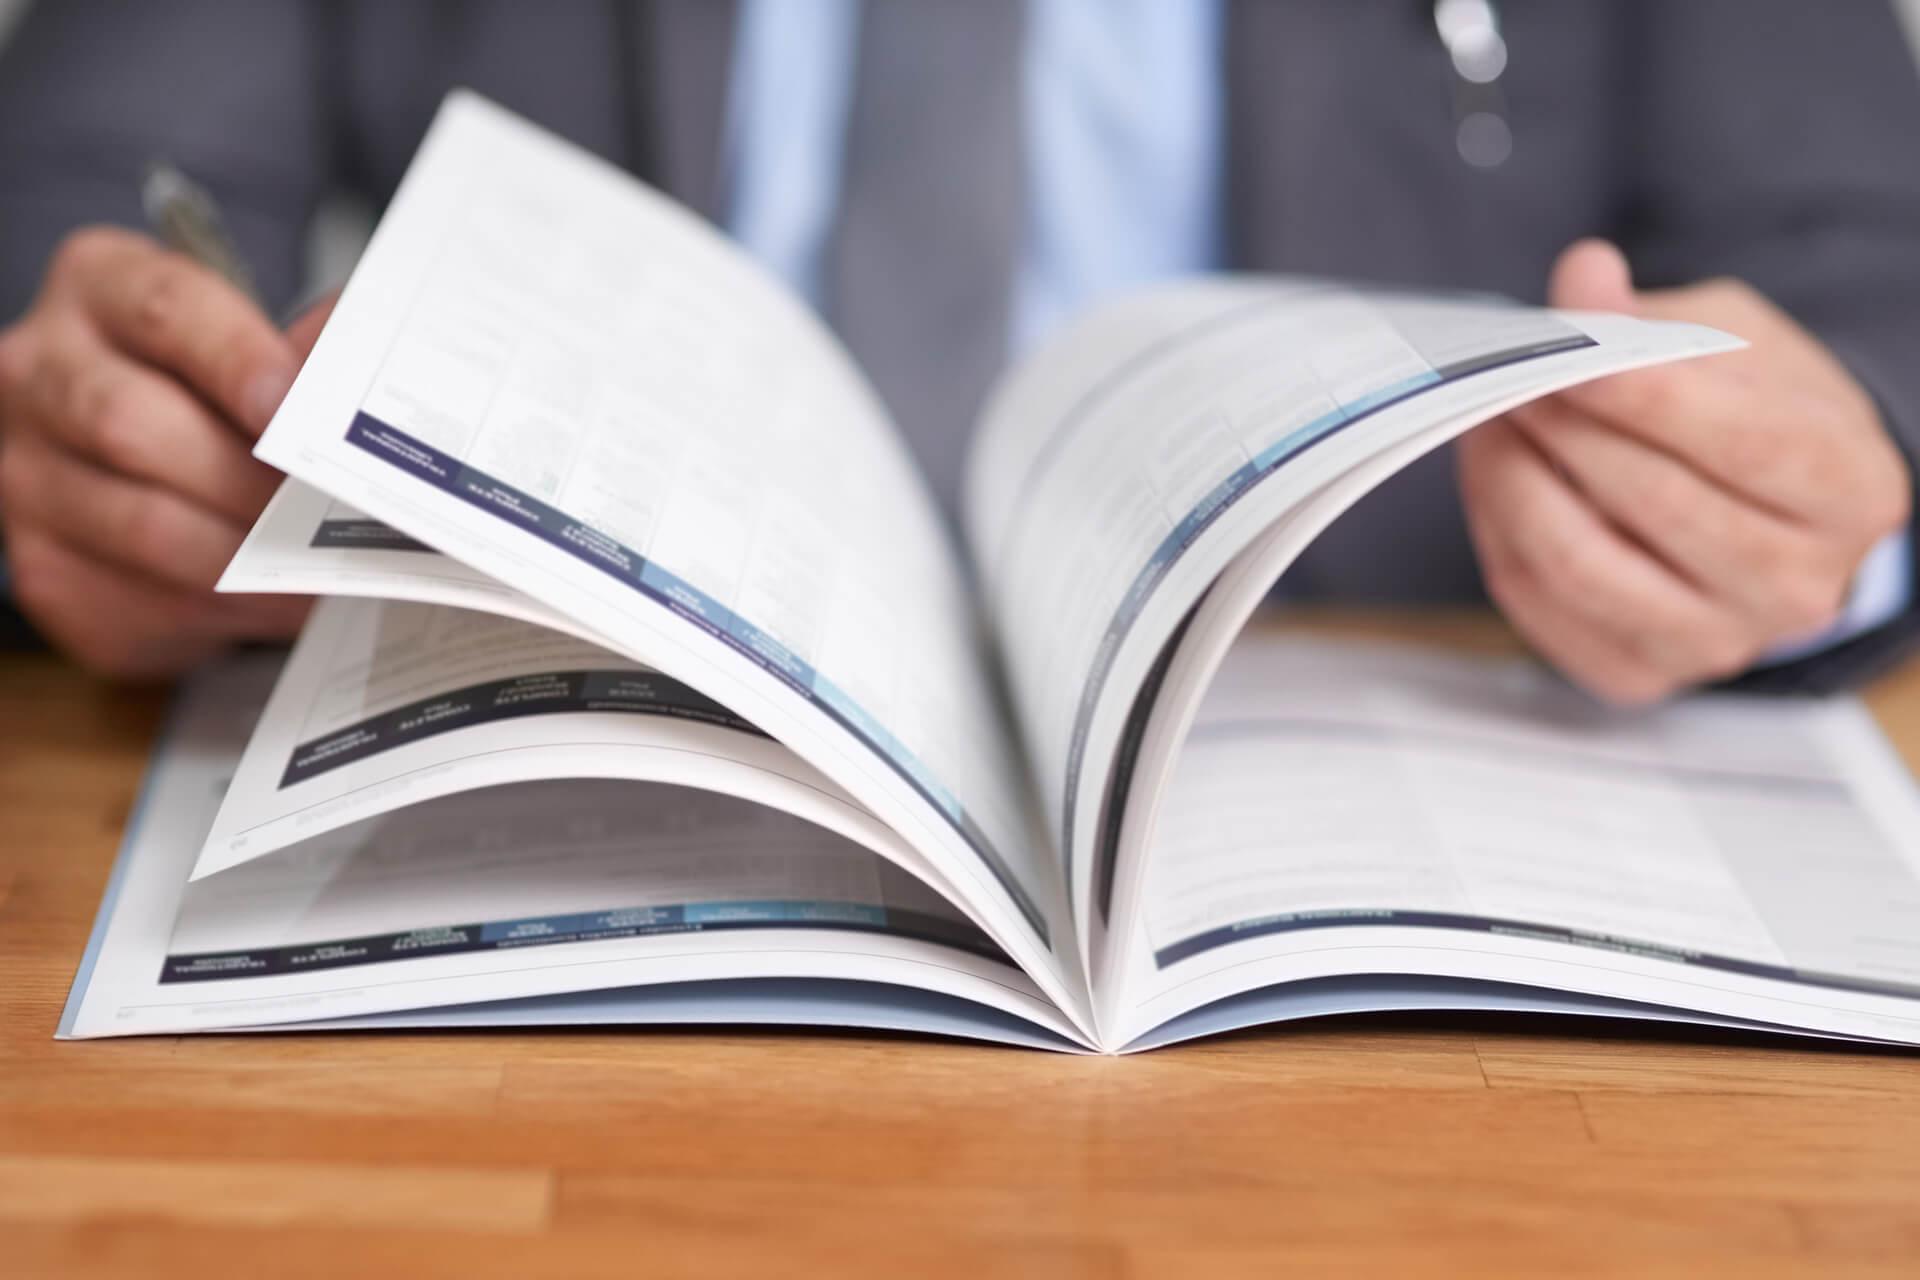 Glossário de empreendedorismo: aprenda os termos mais importantes